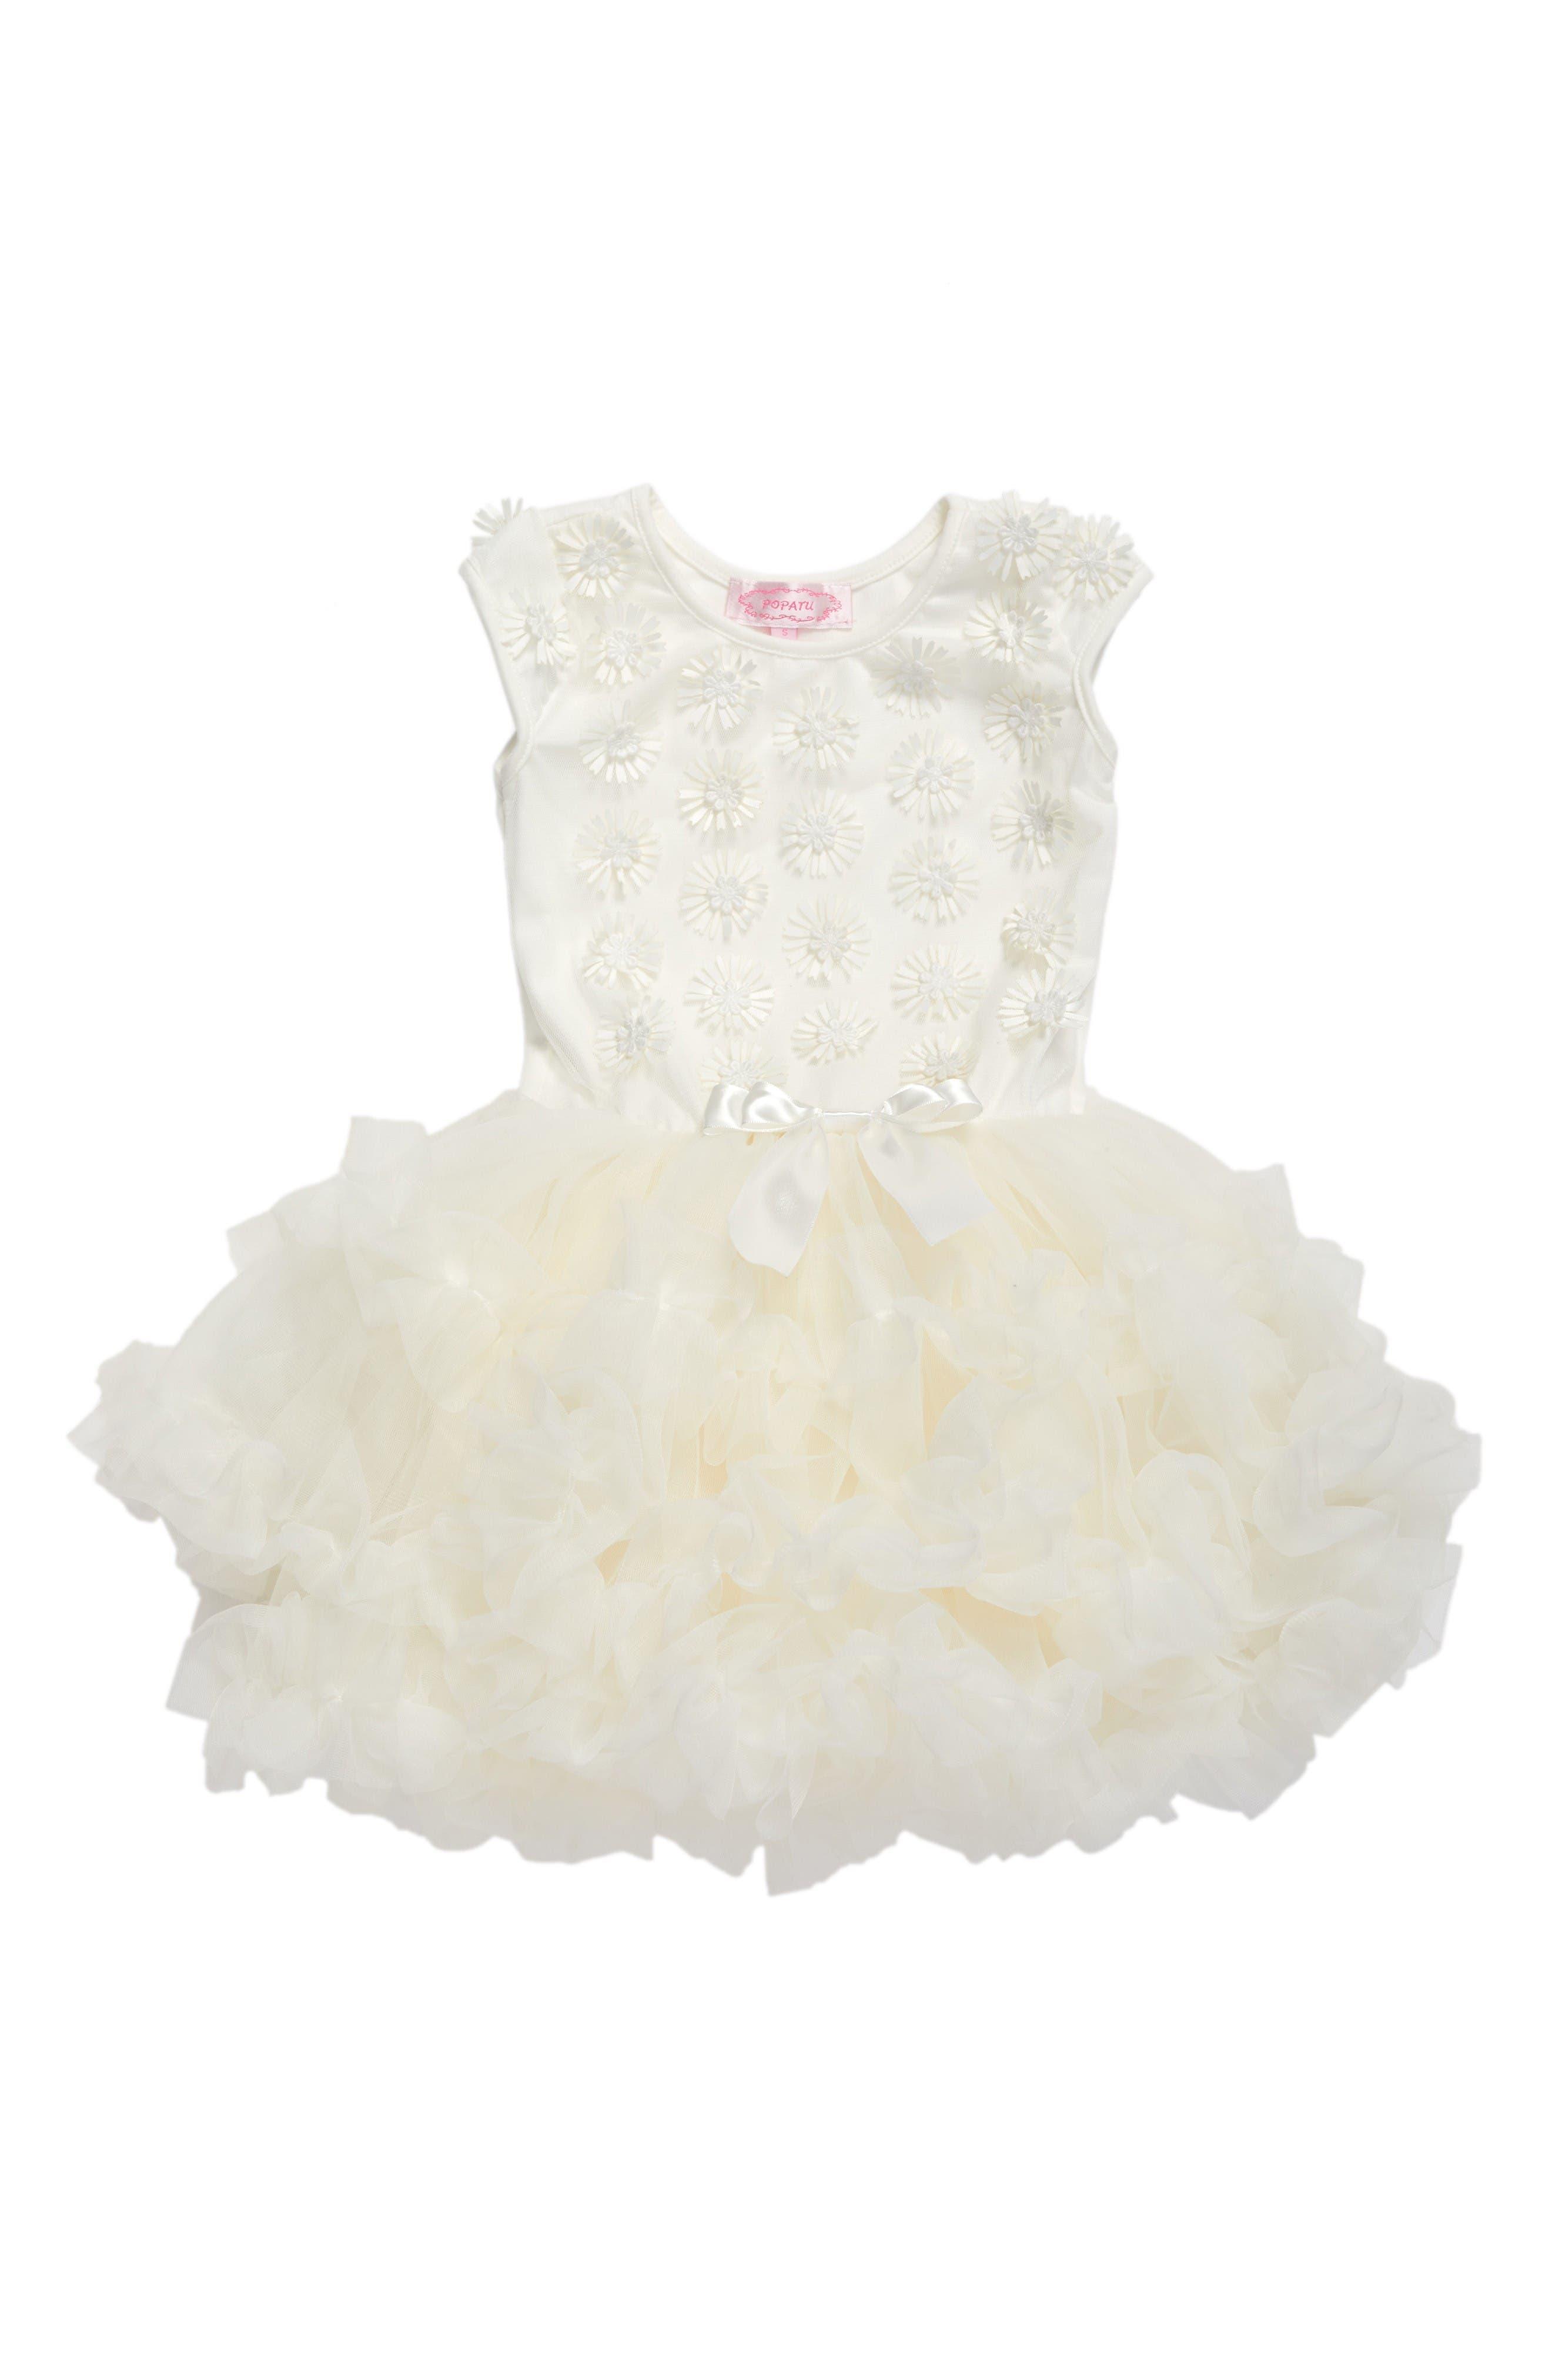 Main Image - Popatu White Daisy Tutu Dress (Baby Girls)